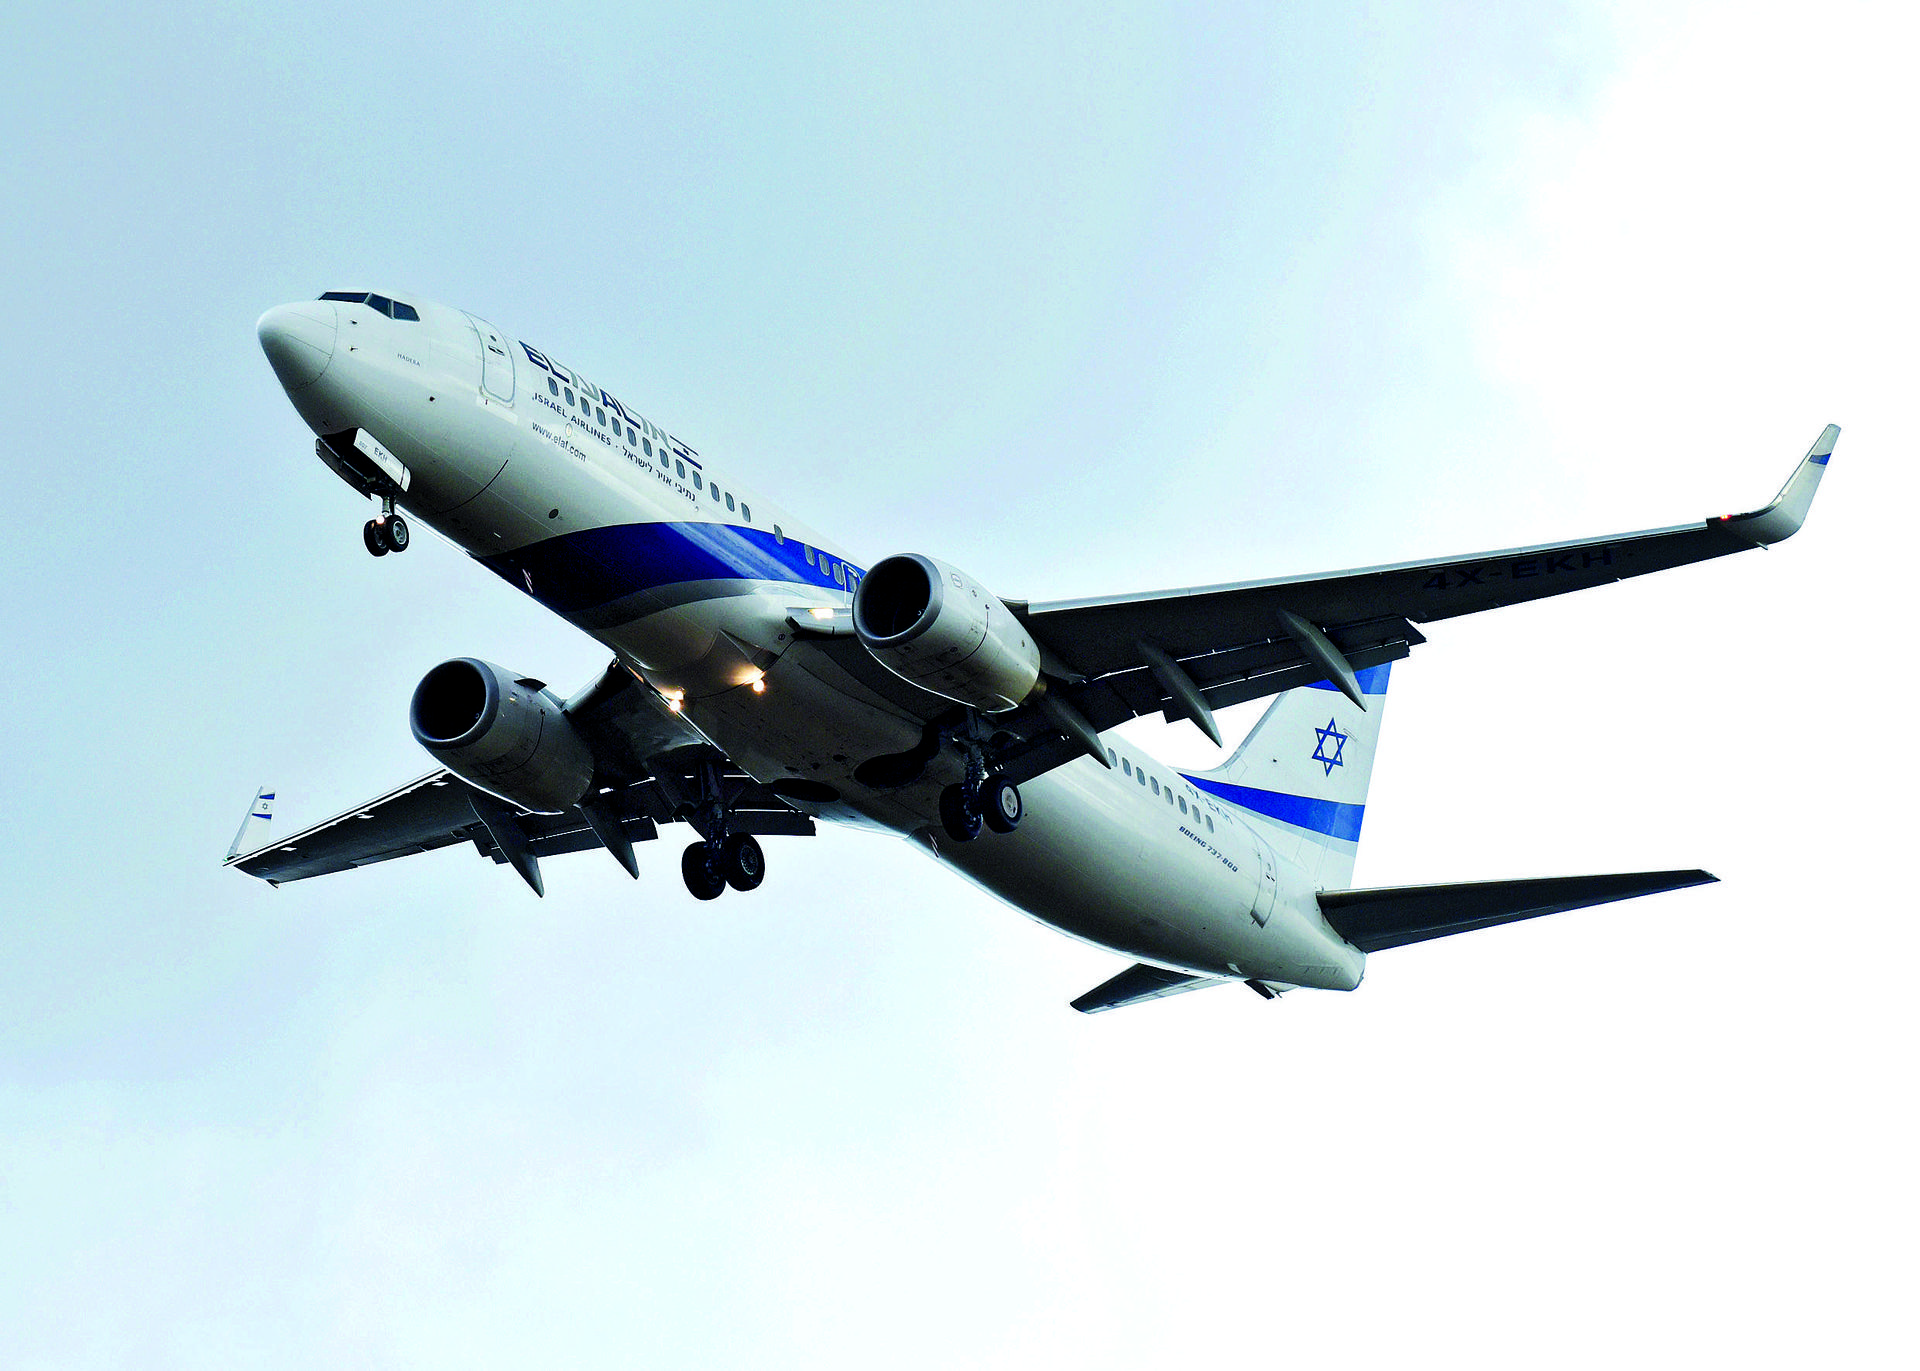 רק רעש האזעקות הצליח להוריד את רעש המטוסים | צילום: קובי קואנקס